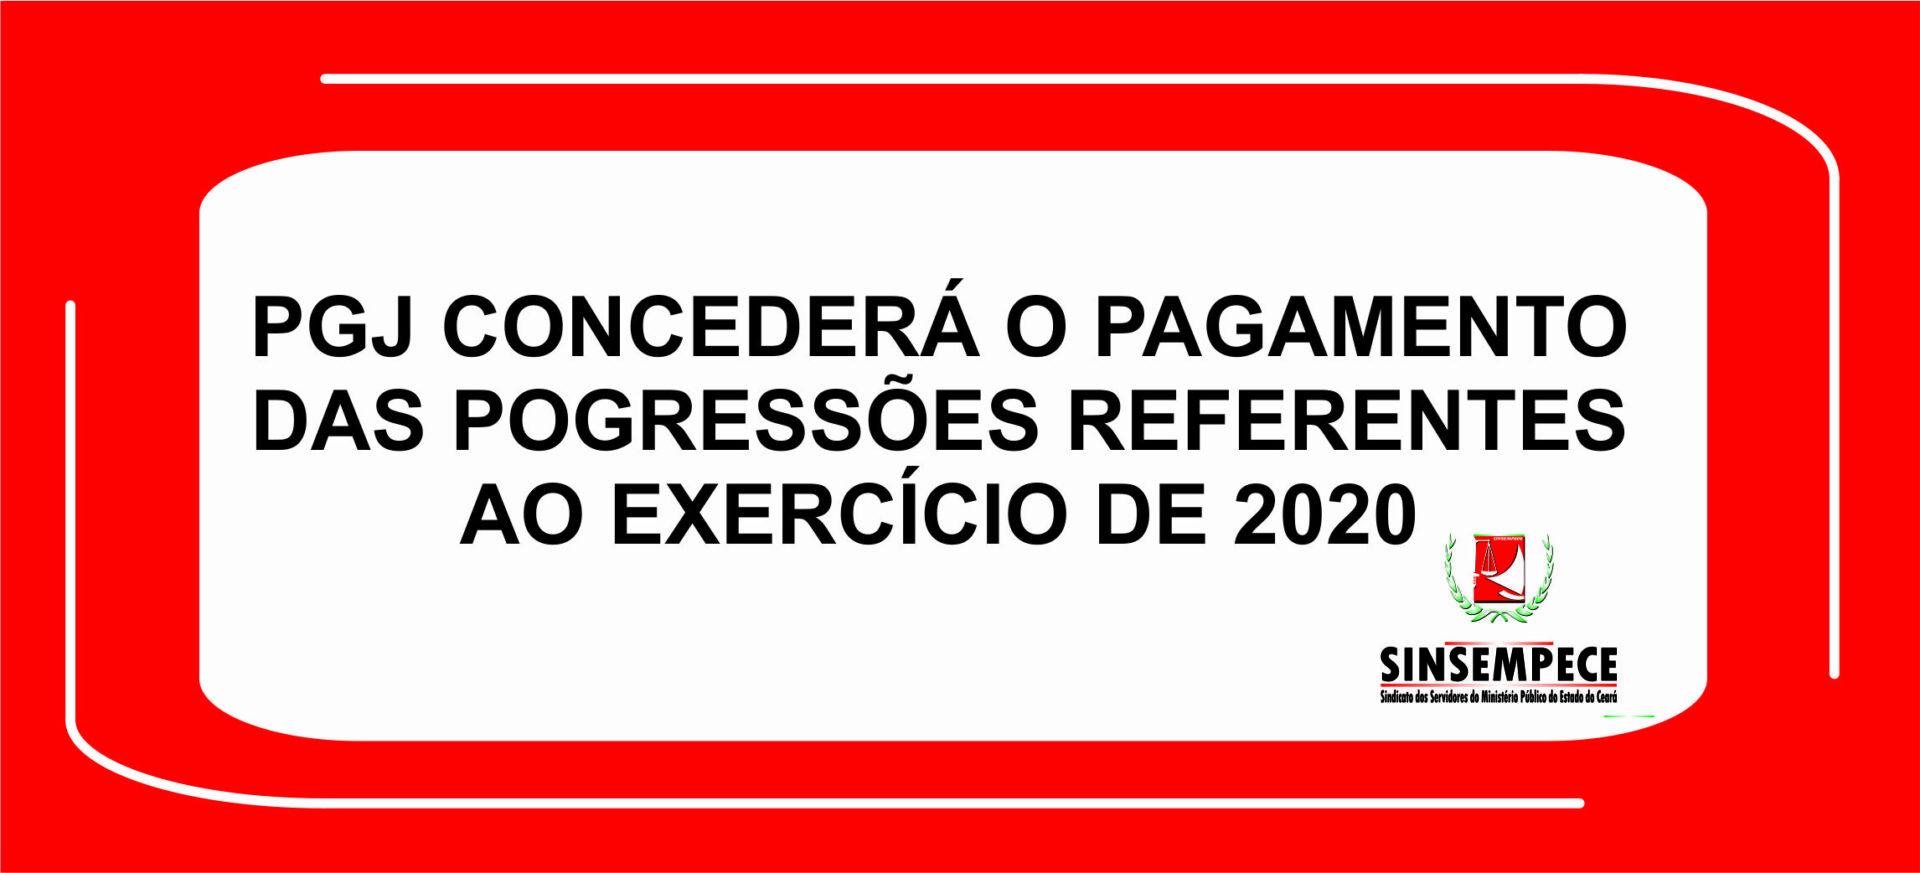 PGJ concederá o pagamento das pogressões referentes ao exercício de 2020